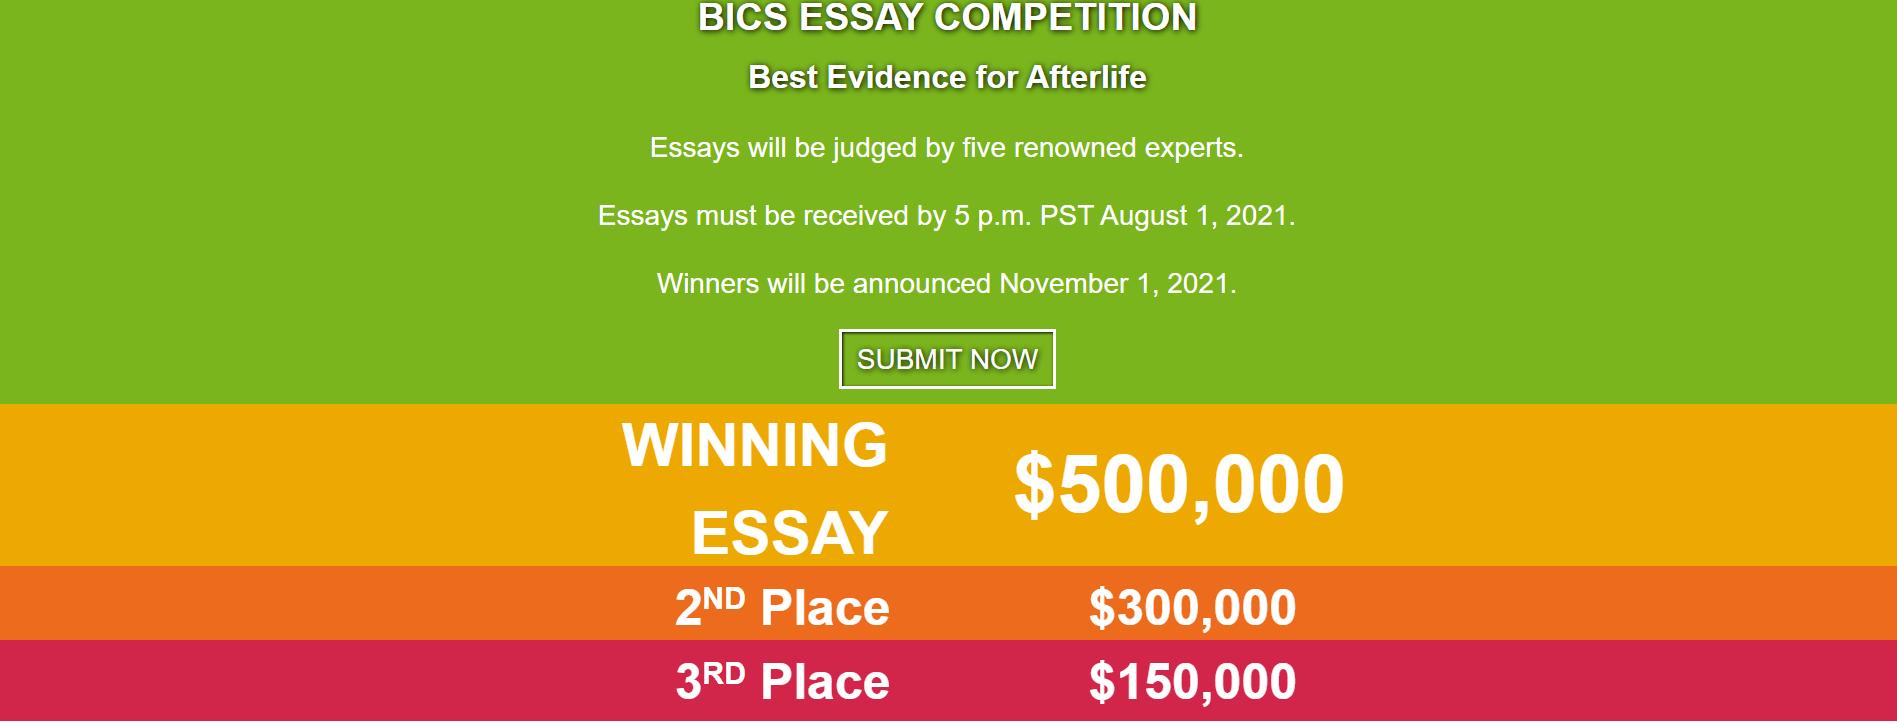 La publication du concours sur le site du Bigelow Institute @Bigelow Institute